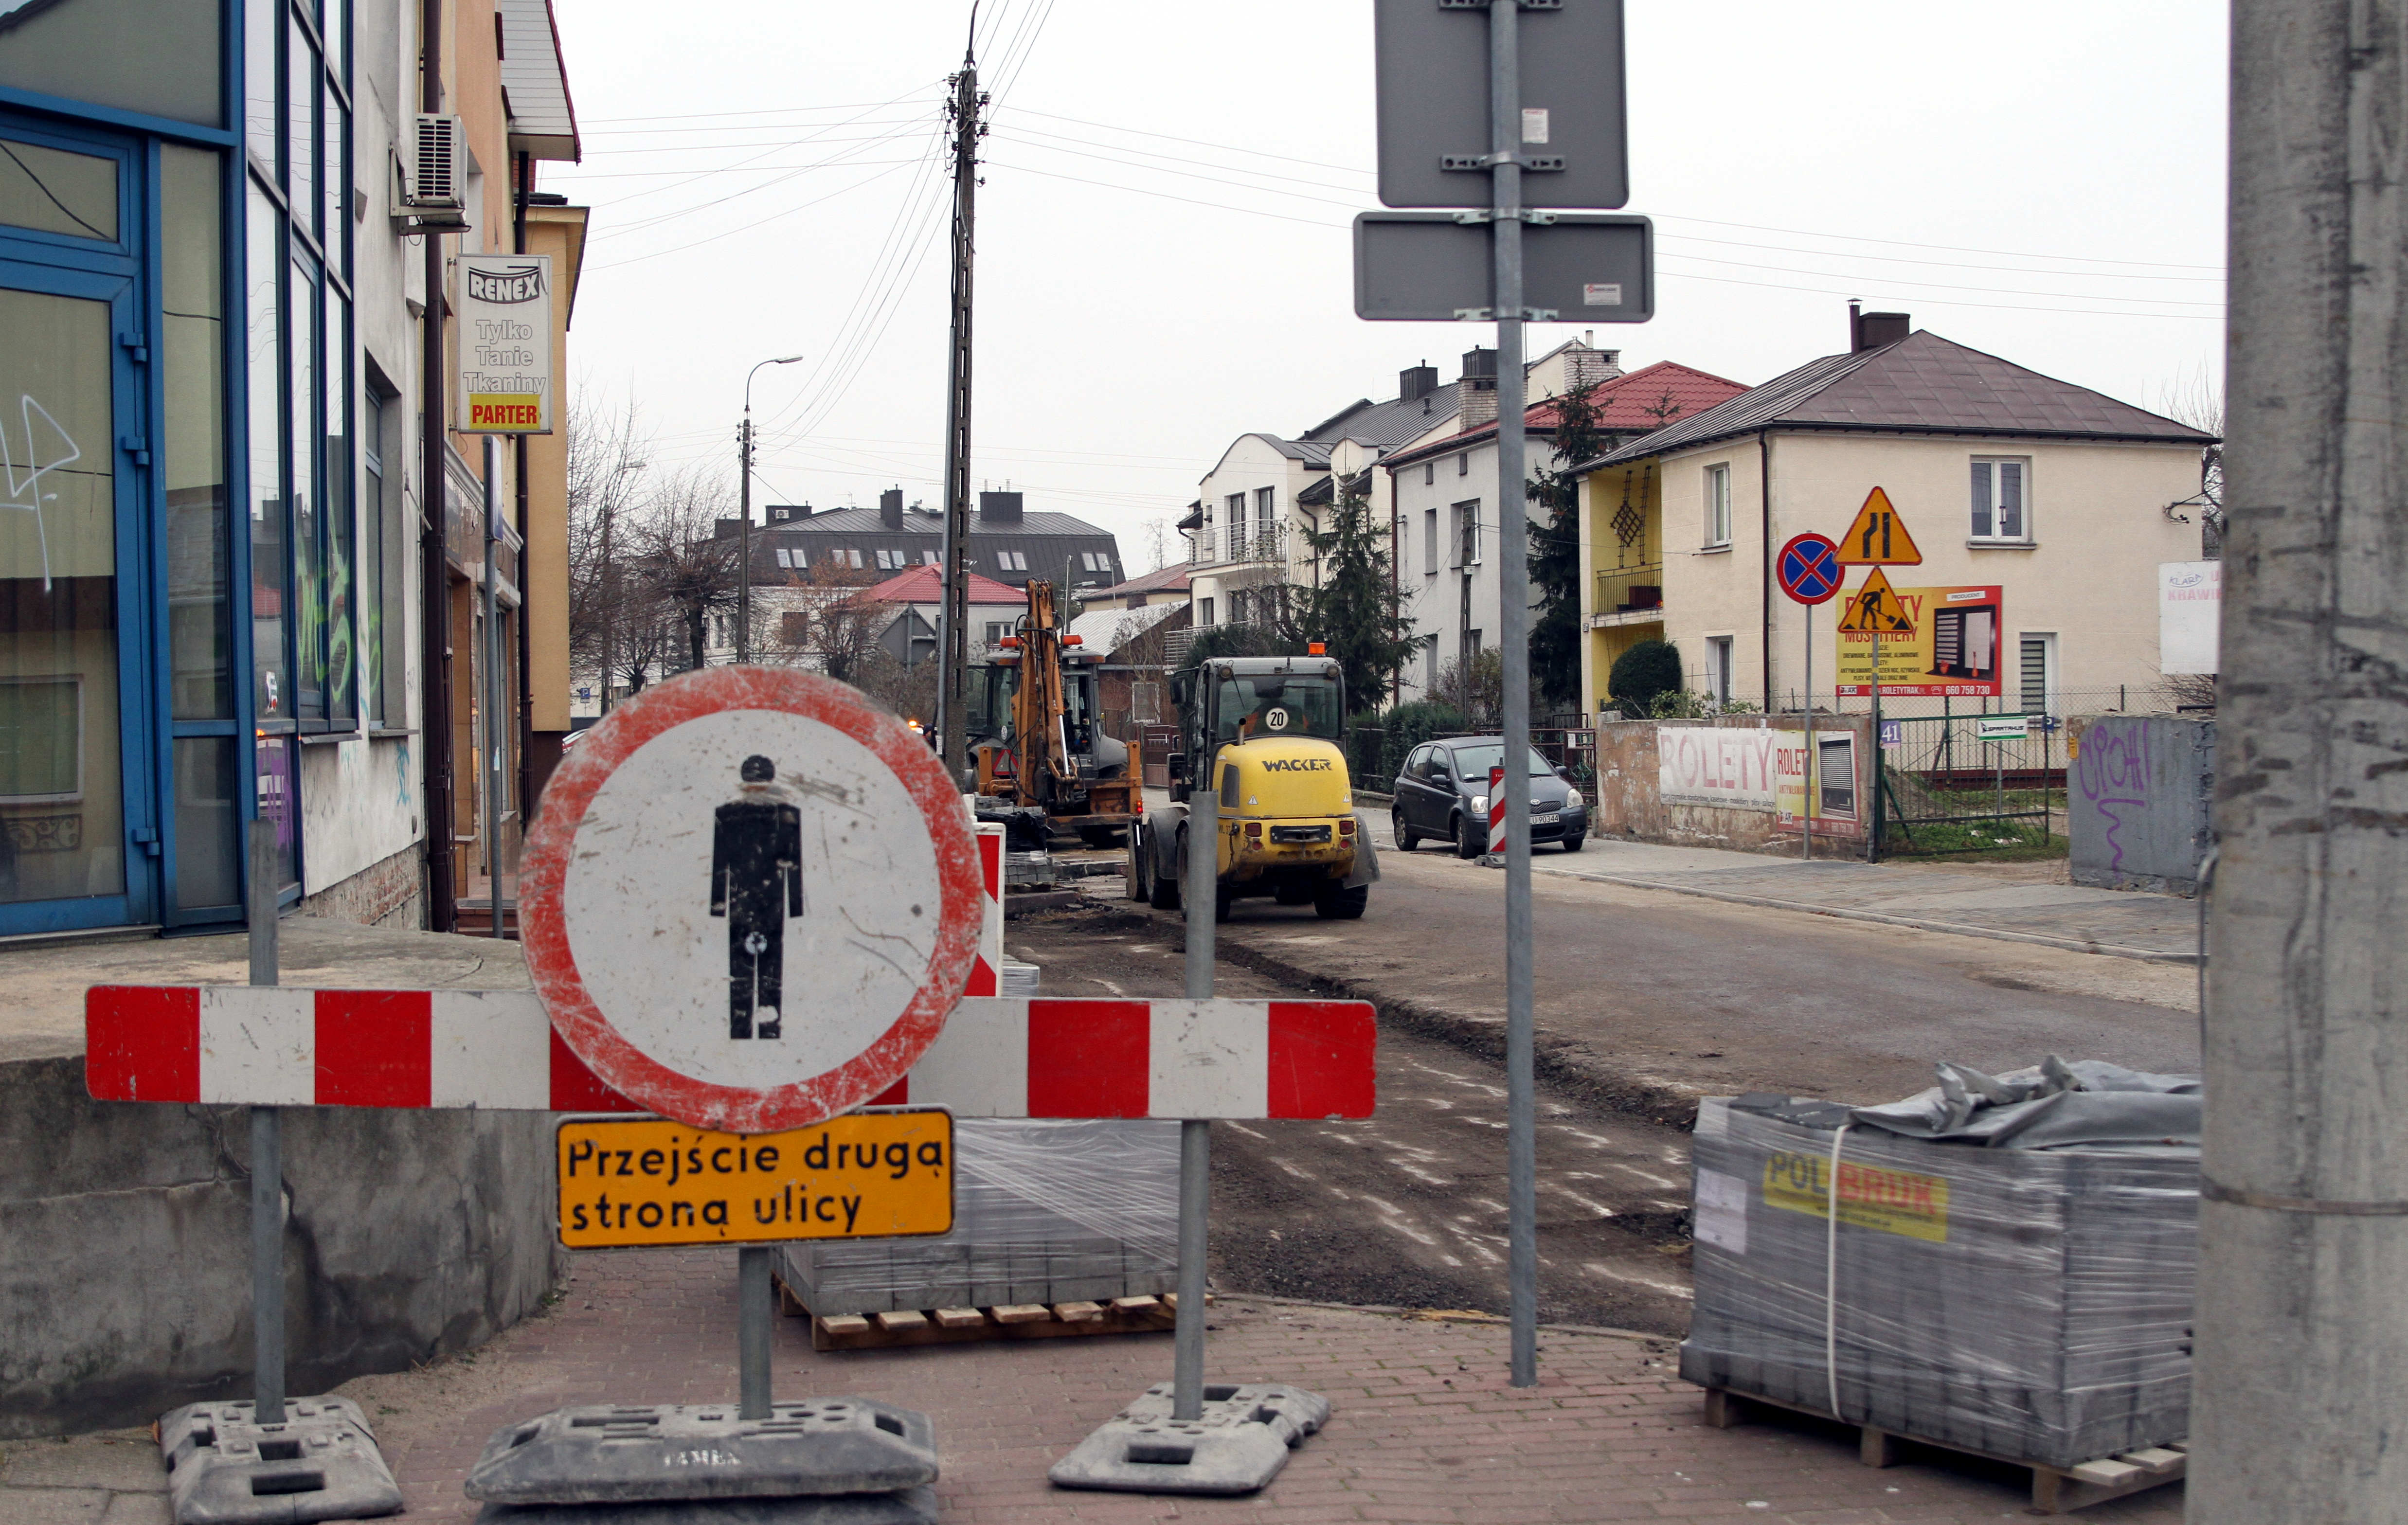 Trwają remonty  w centrum Łukowa  - Zdjęcie główne